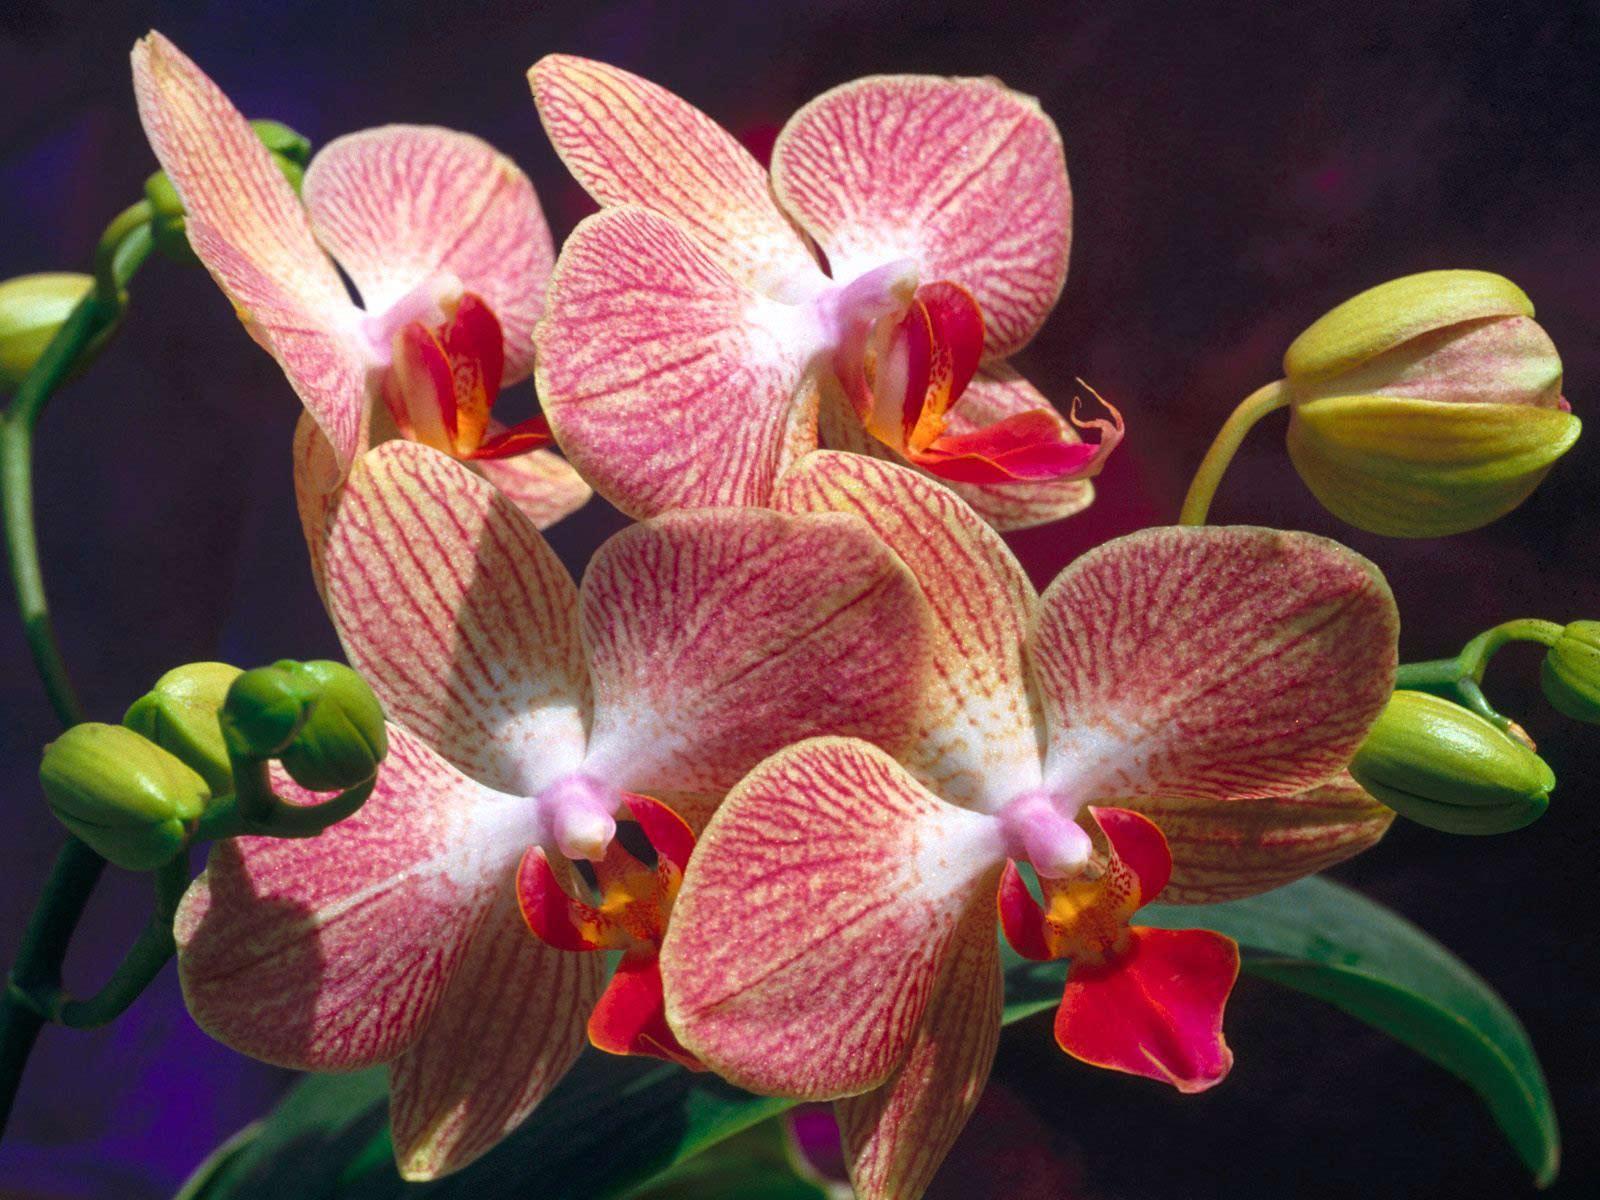 http://3.bp.blogspot.com/-fILQhrpWnx0/TePlP3mXl1I/AAAAAAAAAEc/dfRliKwFSaM/s1600/Flowers-Orchids-flowers-wallpapers.jpg